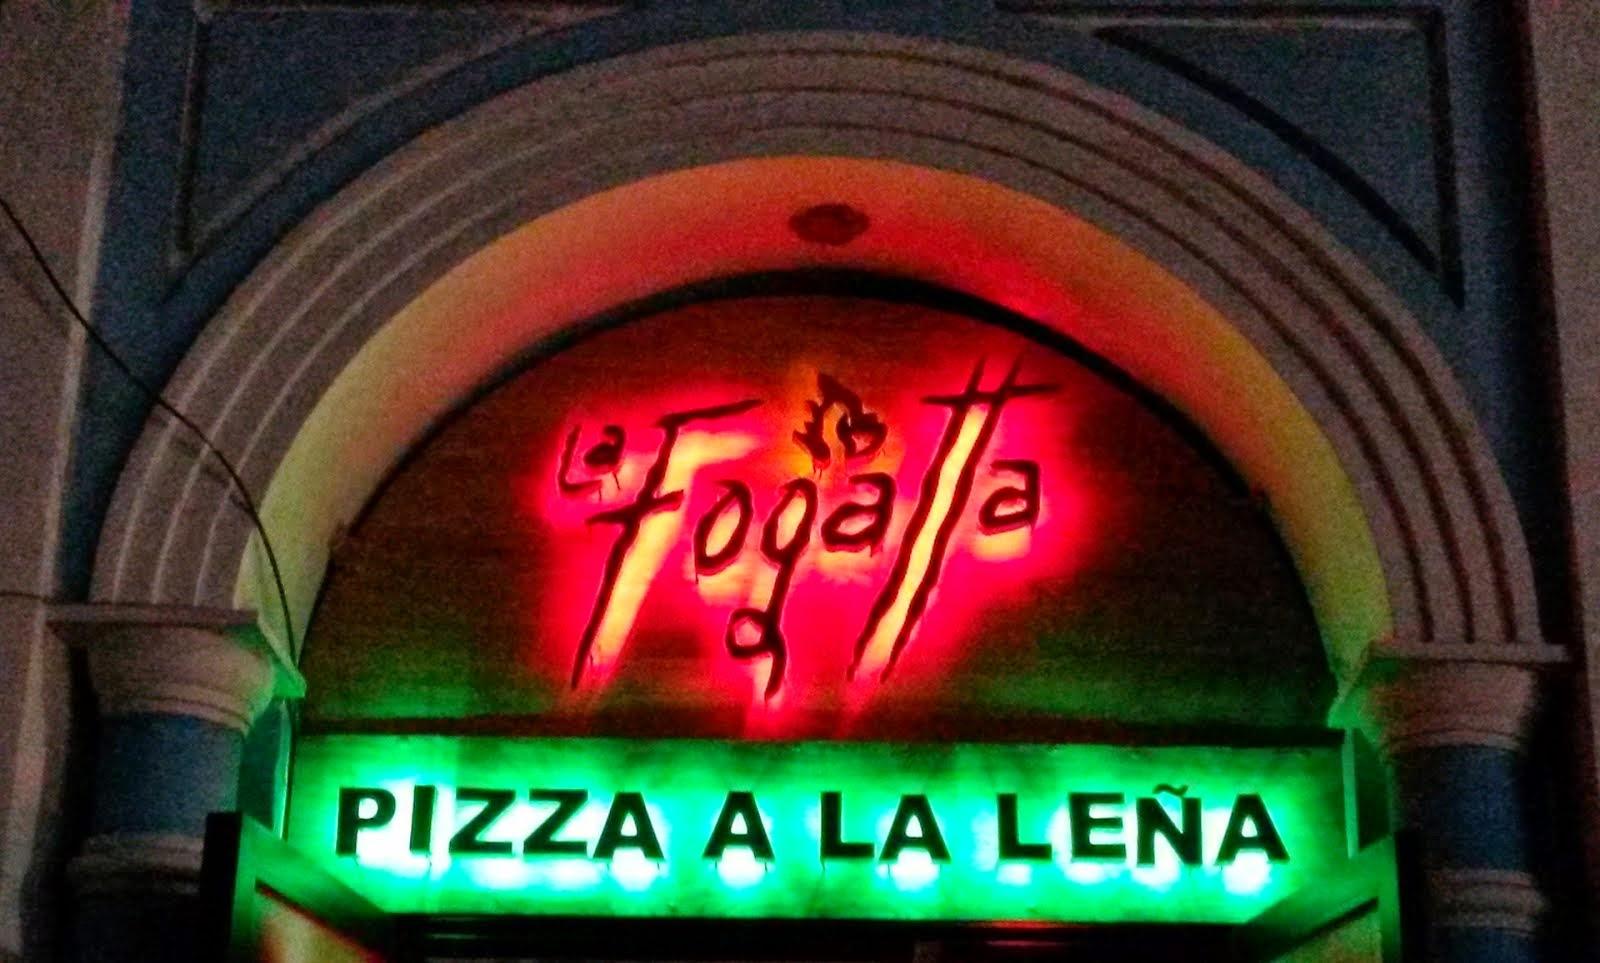 Pizzeria LA FOGATTA